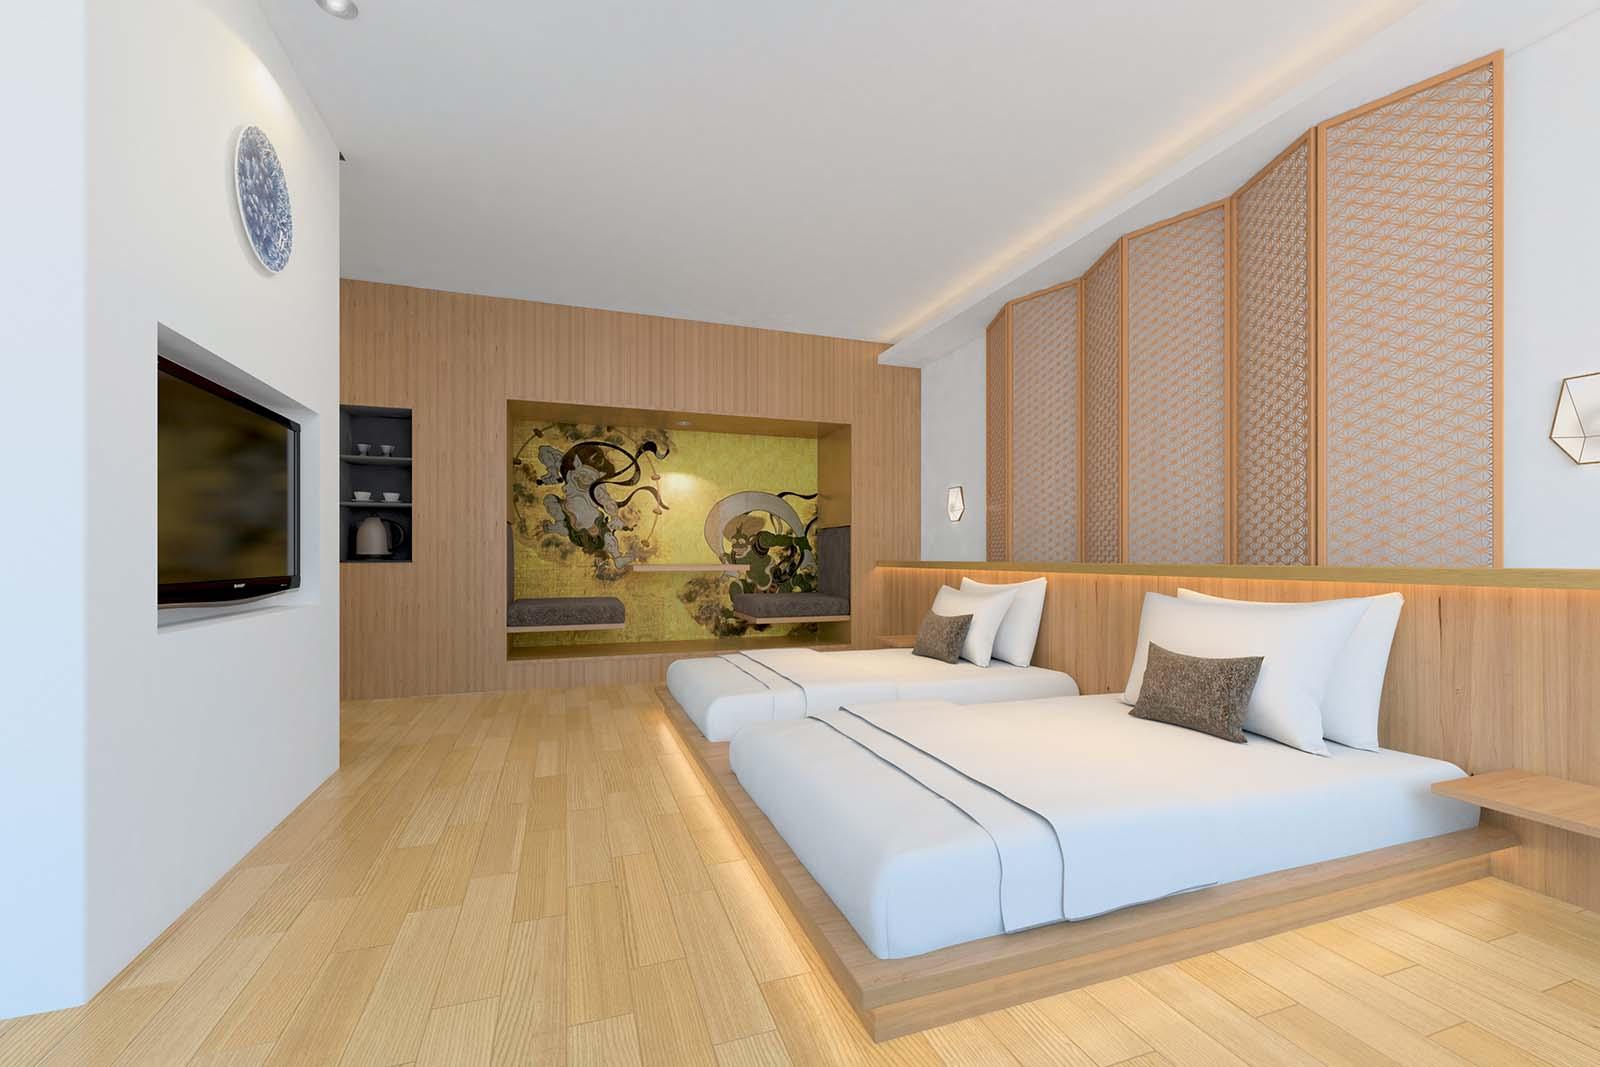 ホテル客室インテリアデザイン